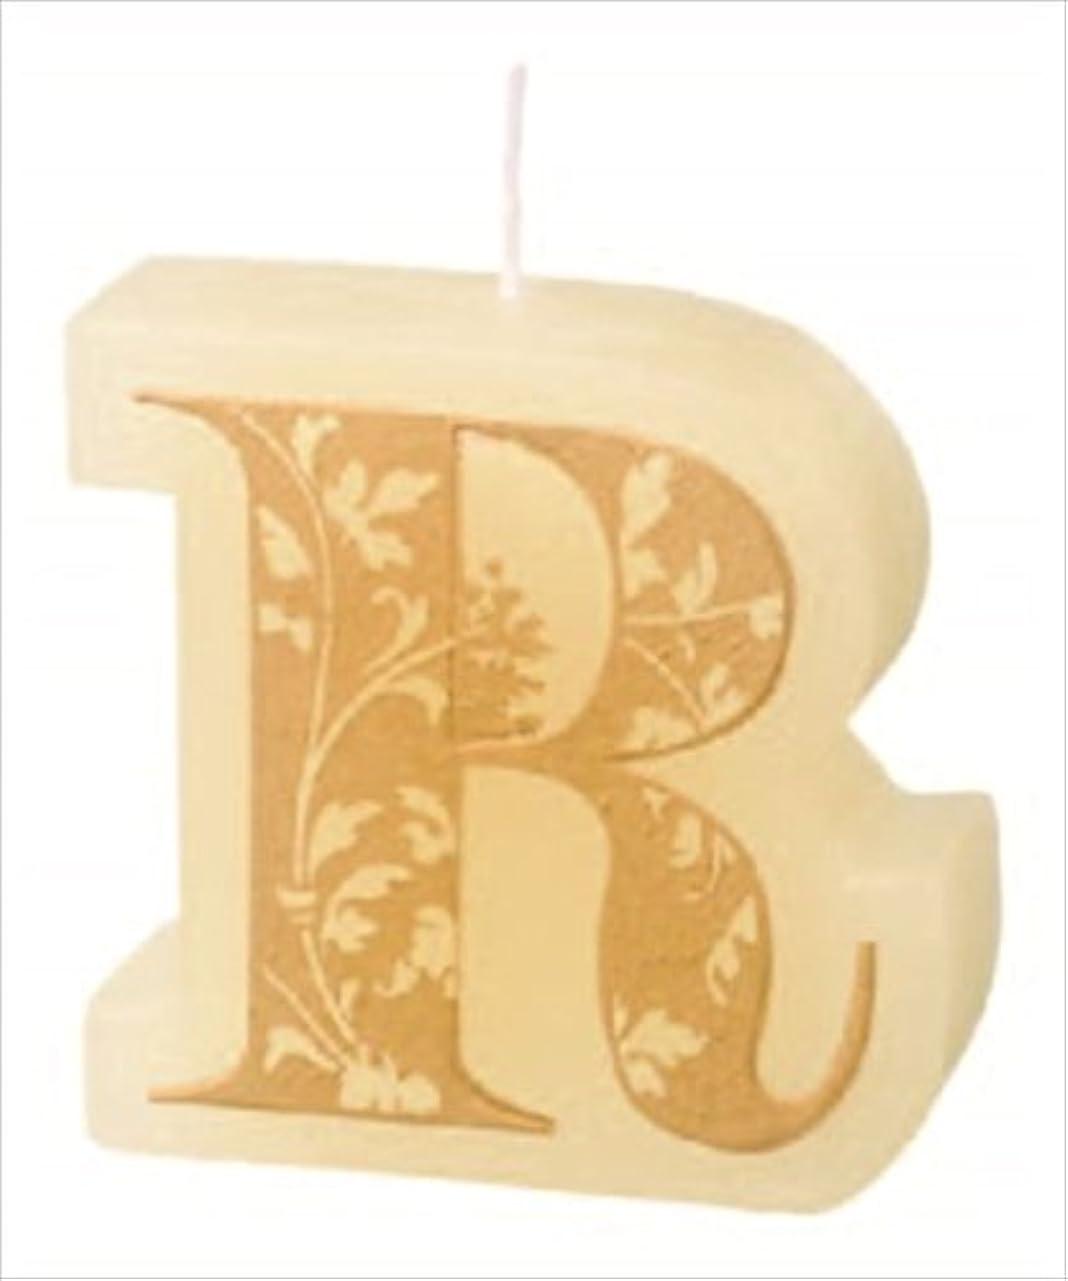 犯す特別に簡単なカメヤマキャンドル(kameyama candle) イニシャルキャンドルミニ 「 R 」